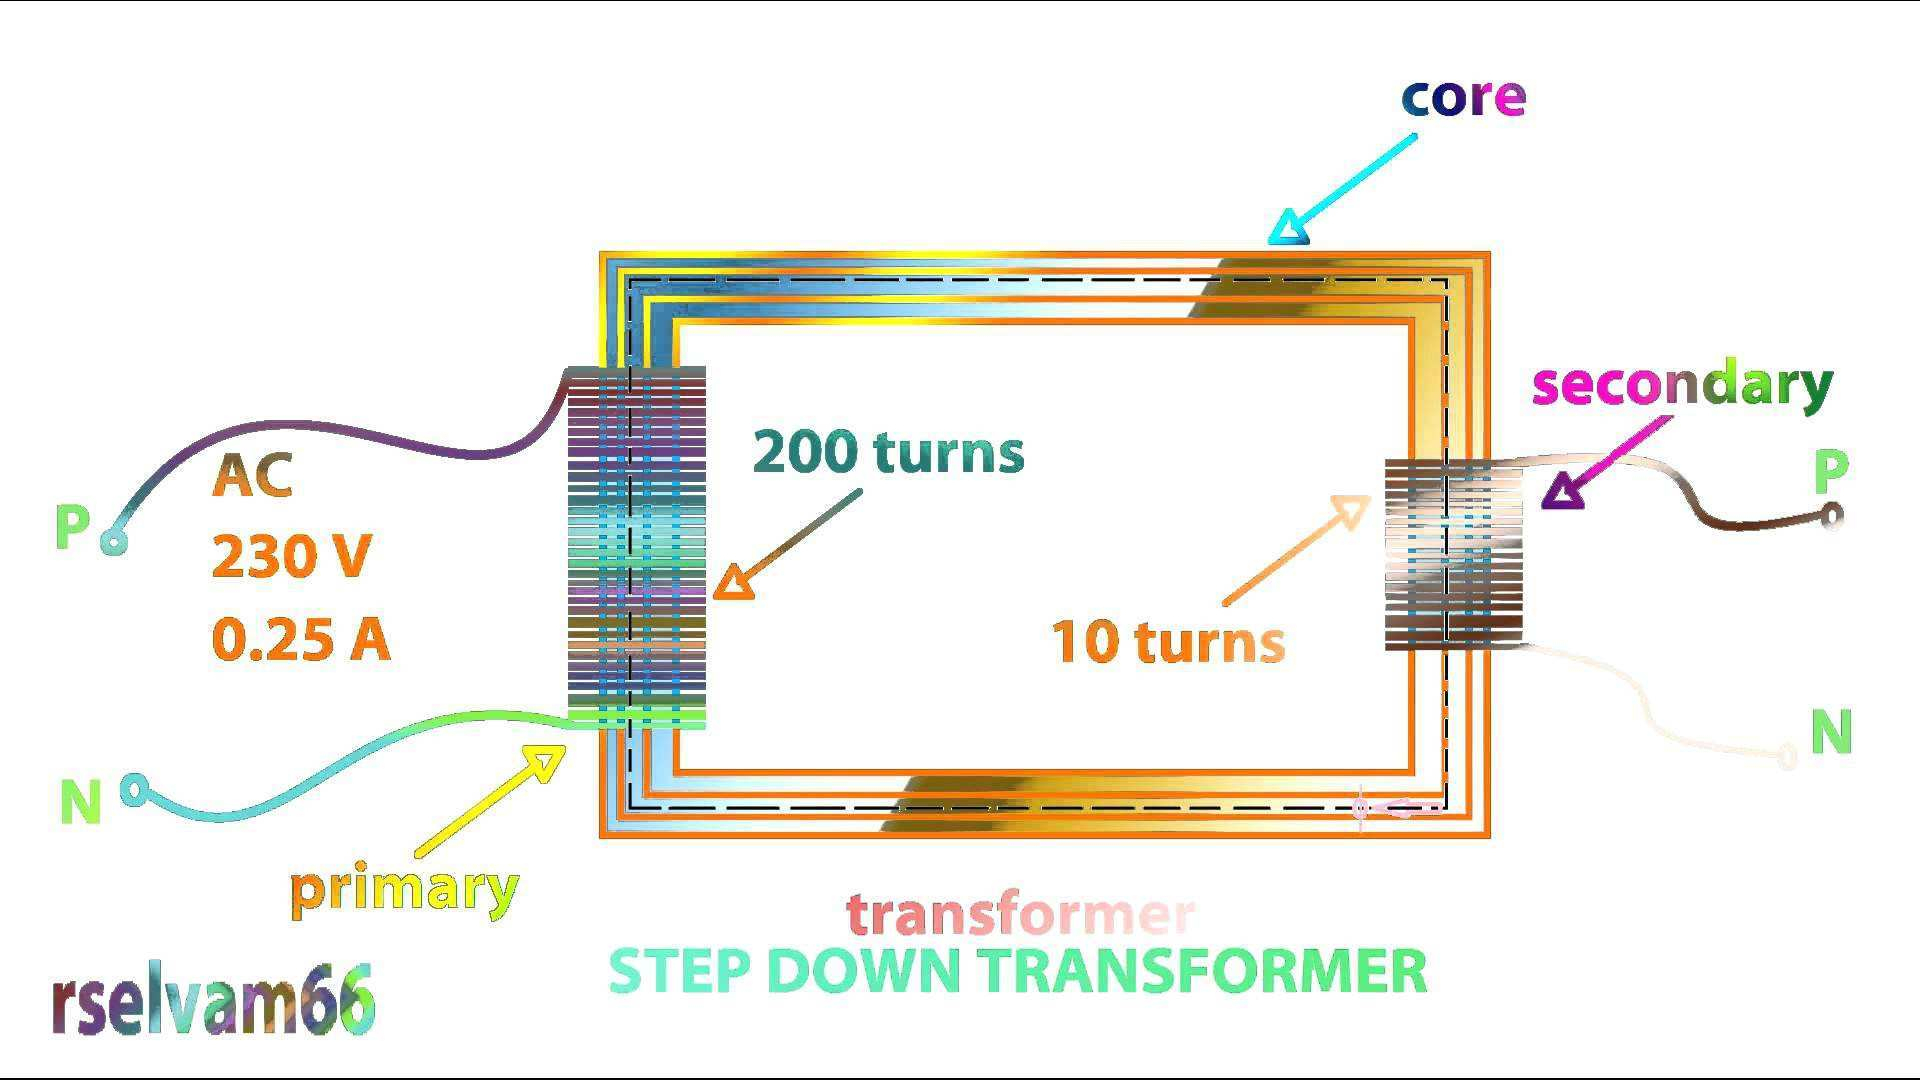 Basic Wiring Diagram 480 Volt | Best Wiring Library - 277 Volt Lighting Wiring Diagram